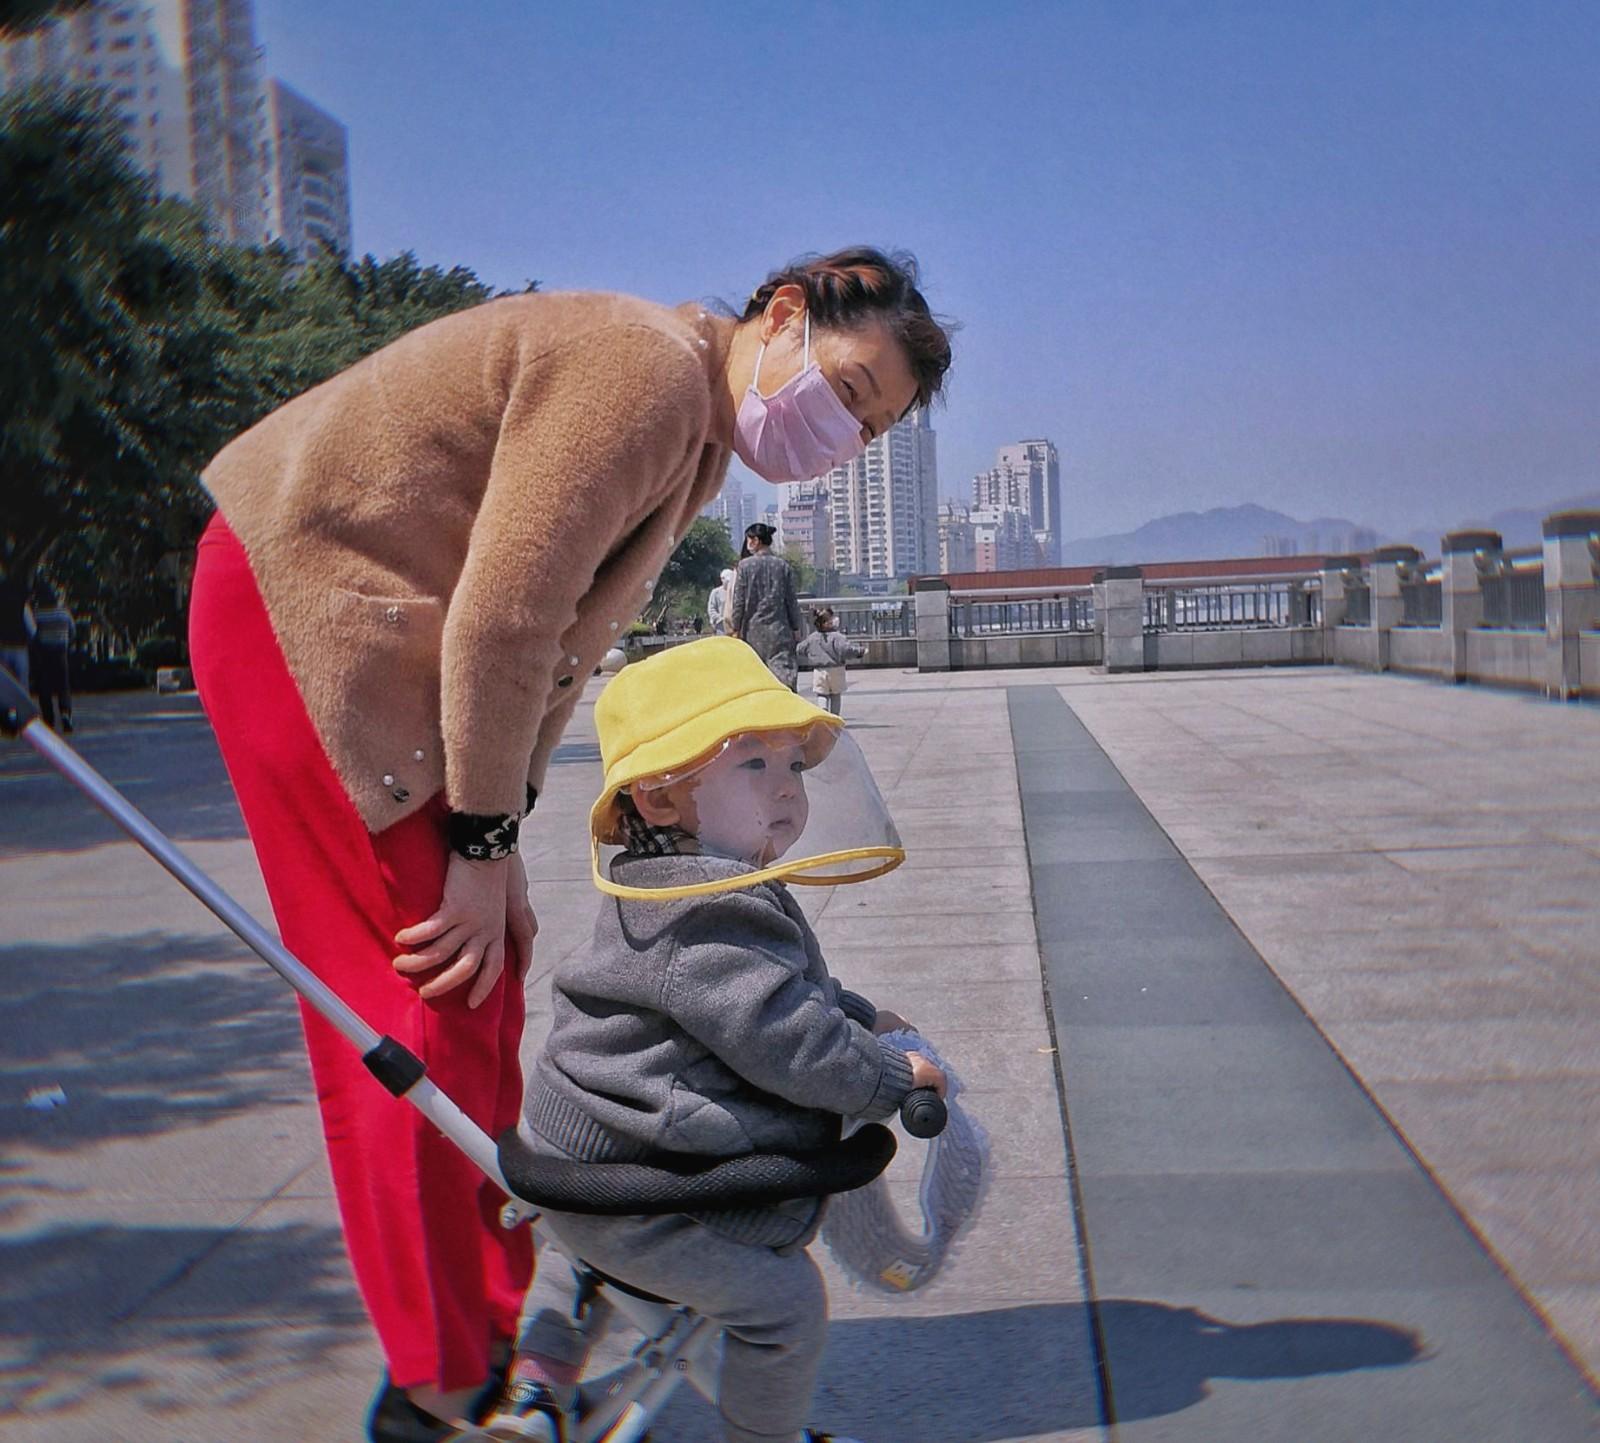 温州-阿光 《回去好吗》 HUAWEI.jpg